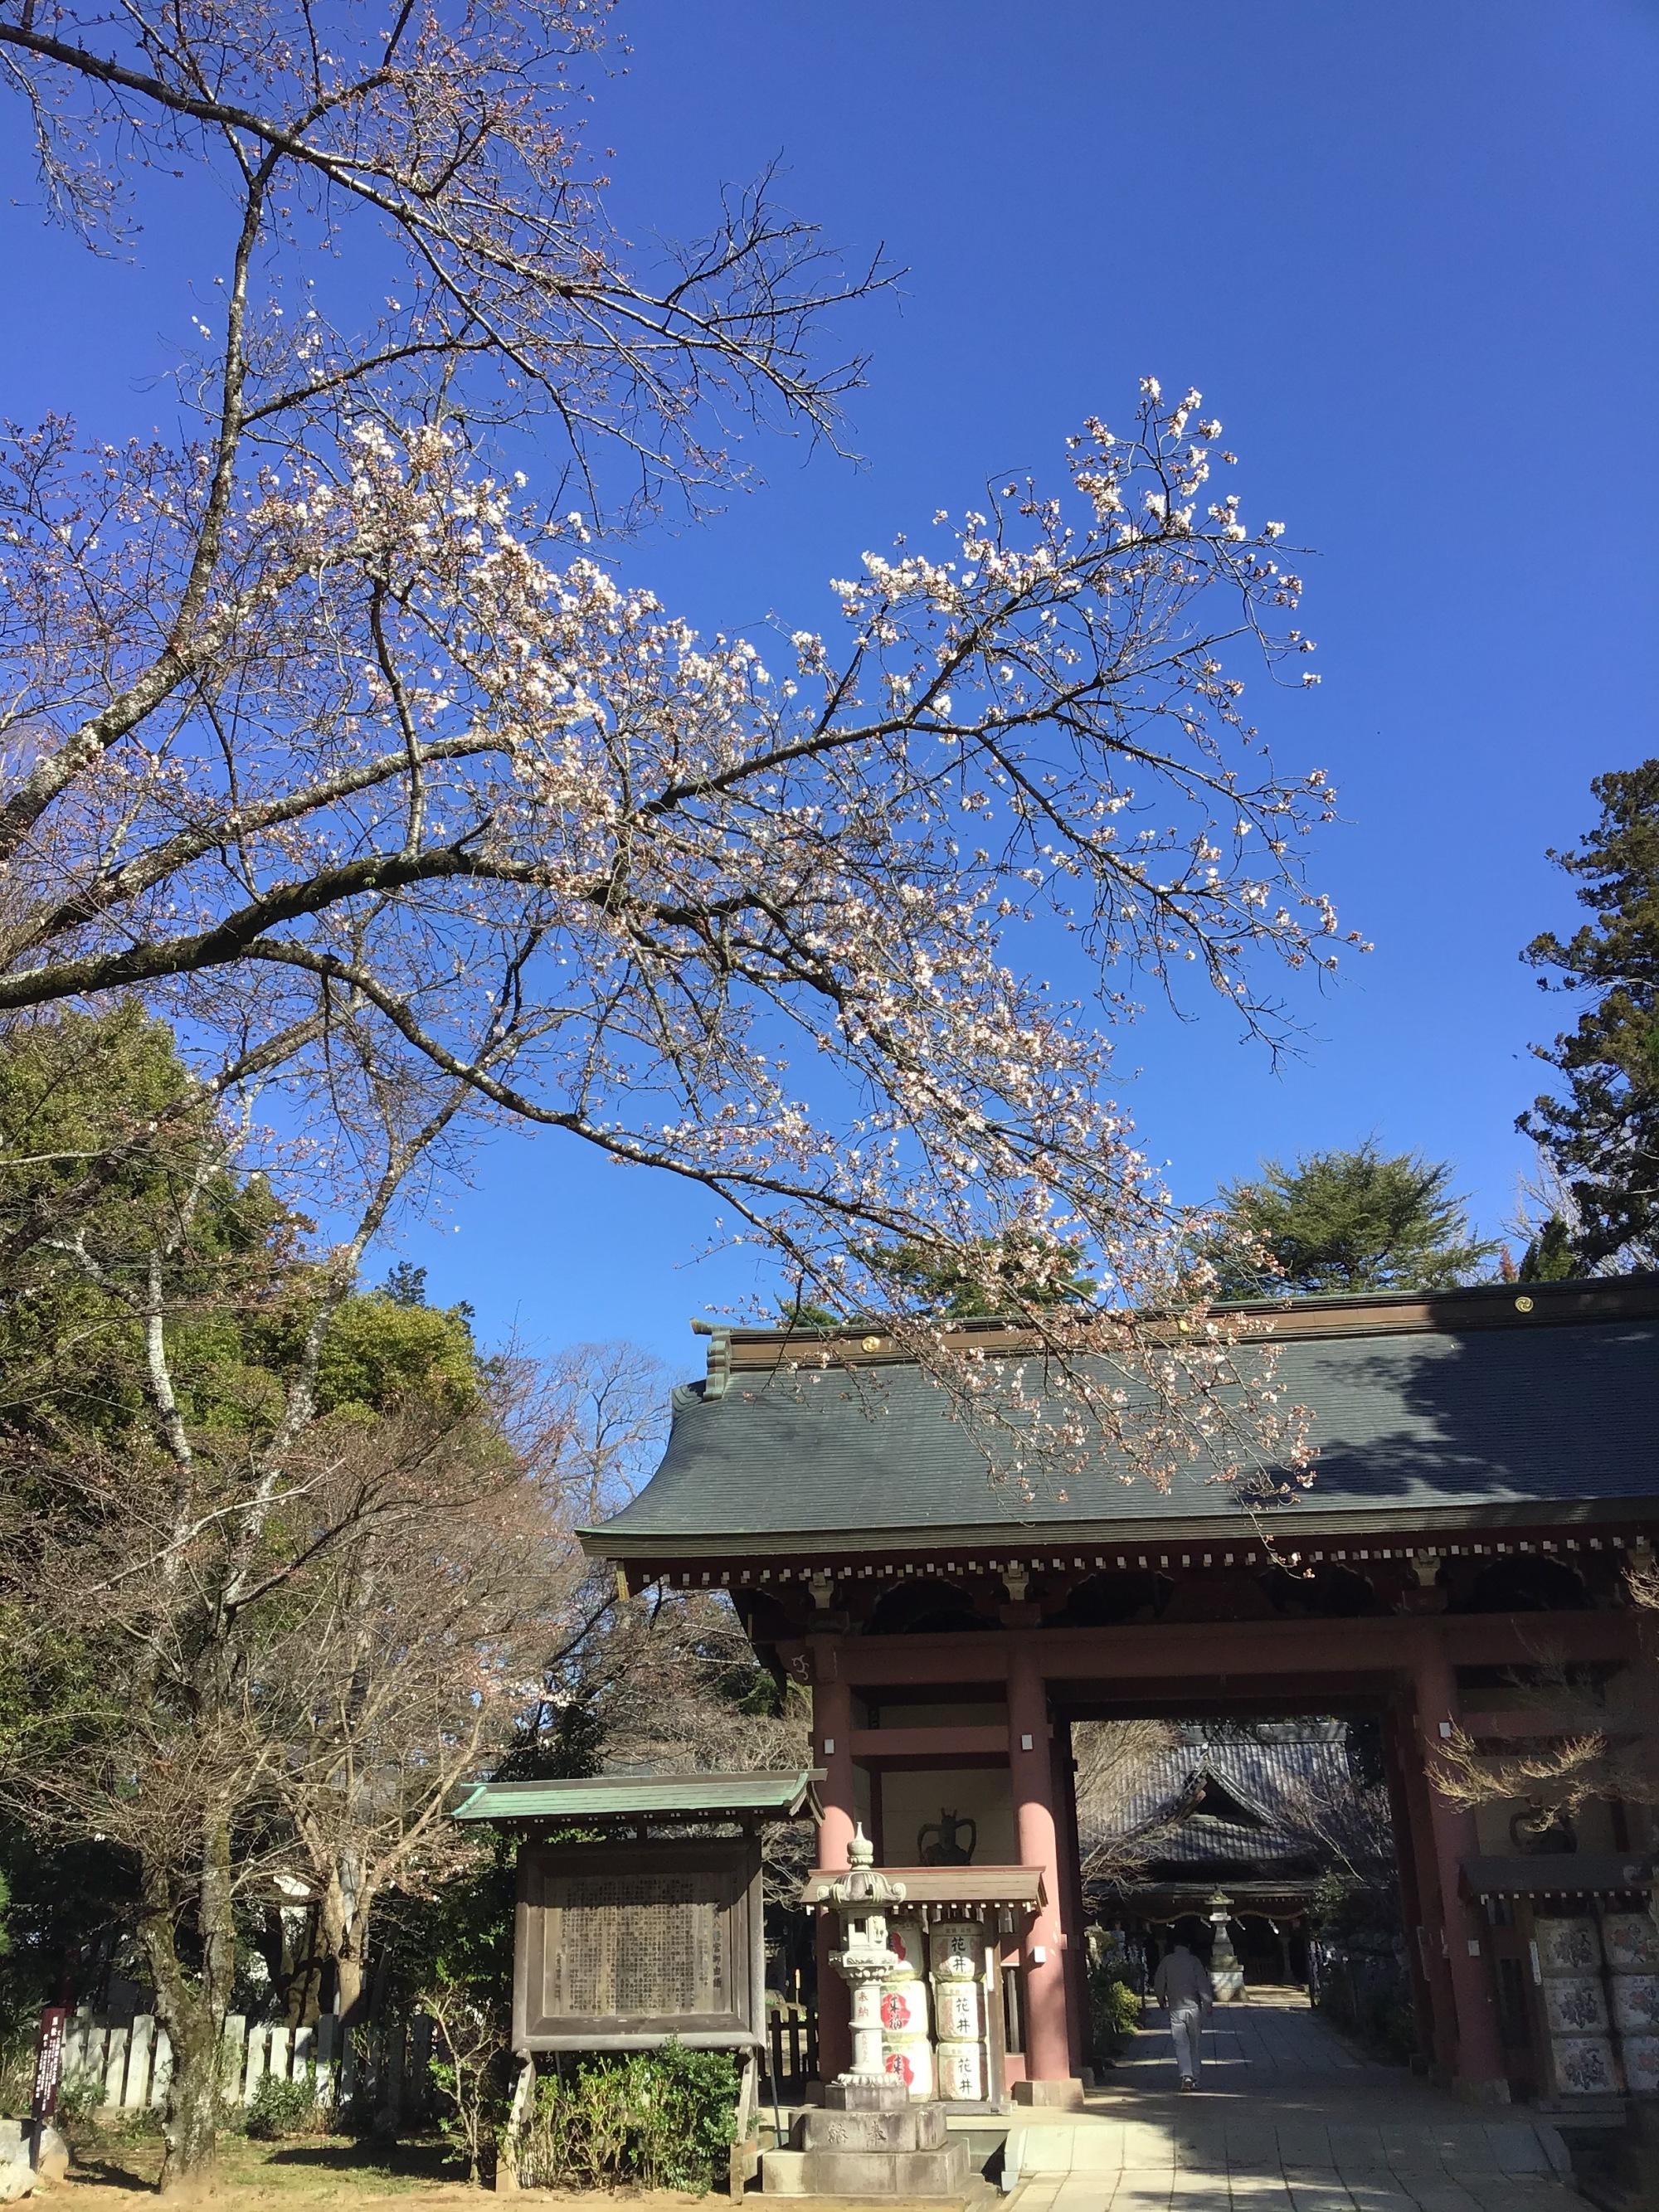 令和2年度の桜の開花